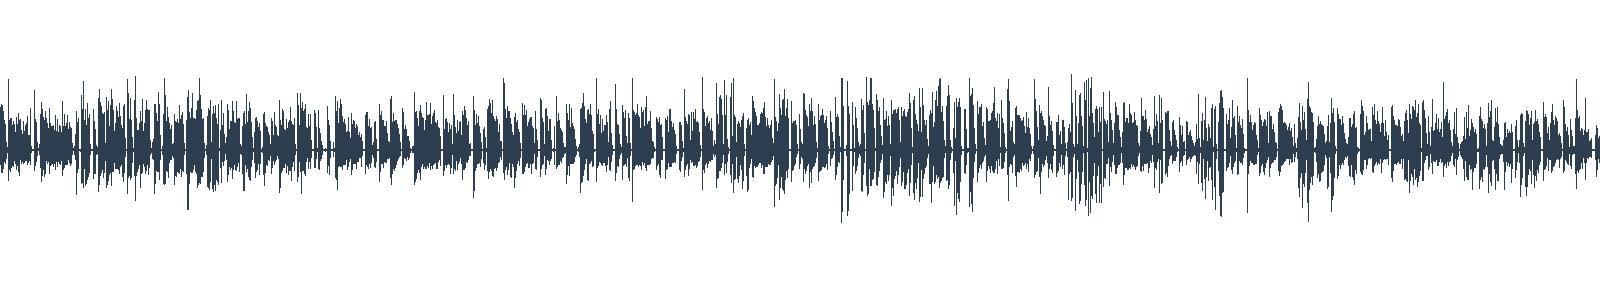 Všeobecná teória zabúdania waveform